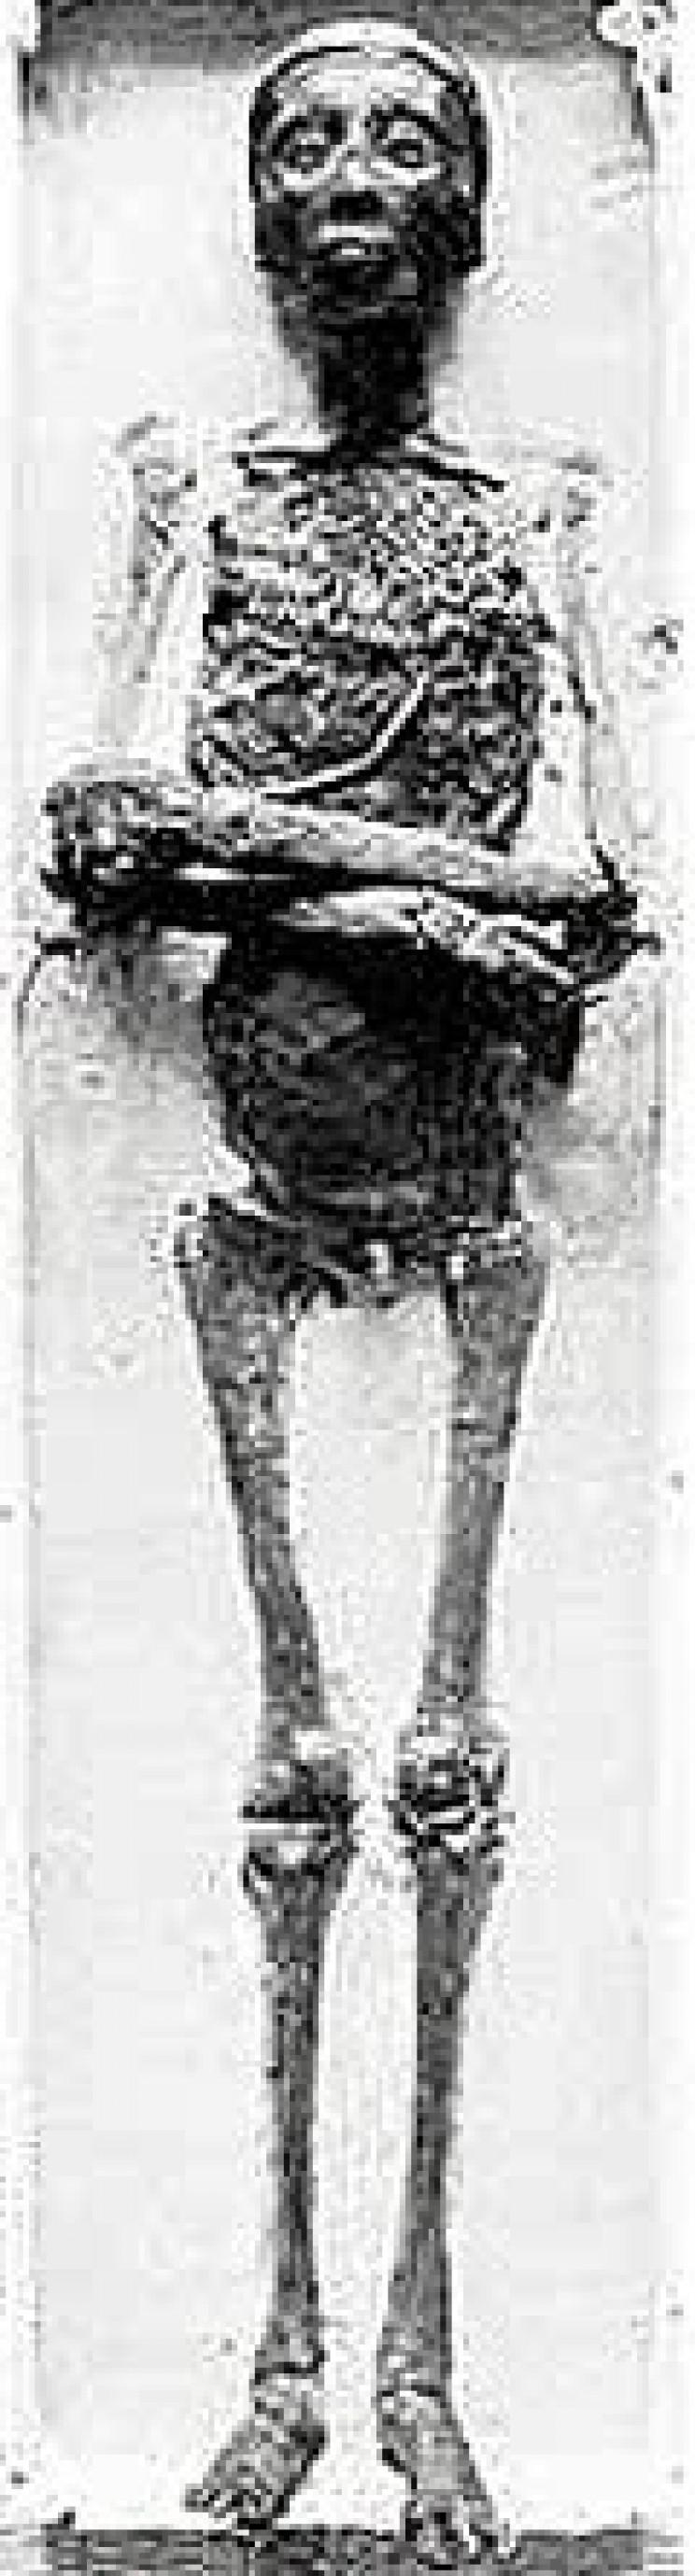 King Tutankhamun's mummy